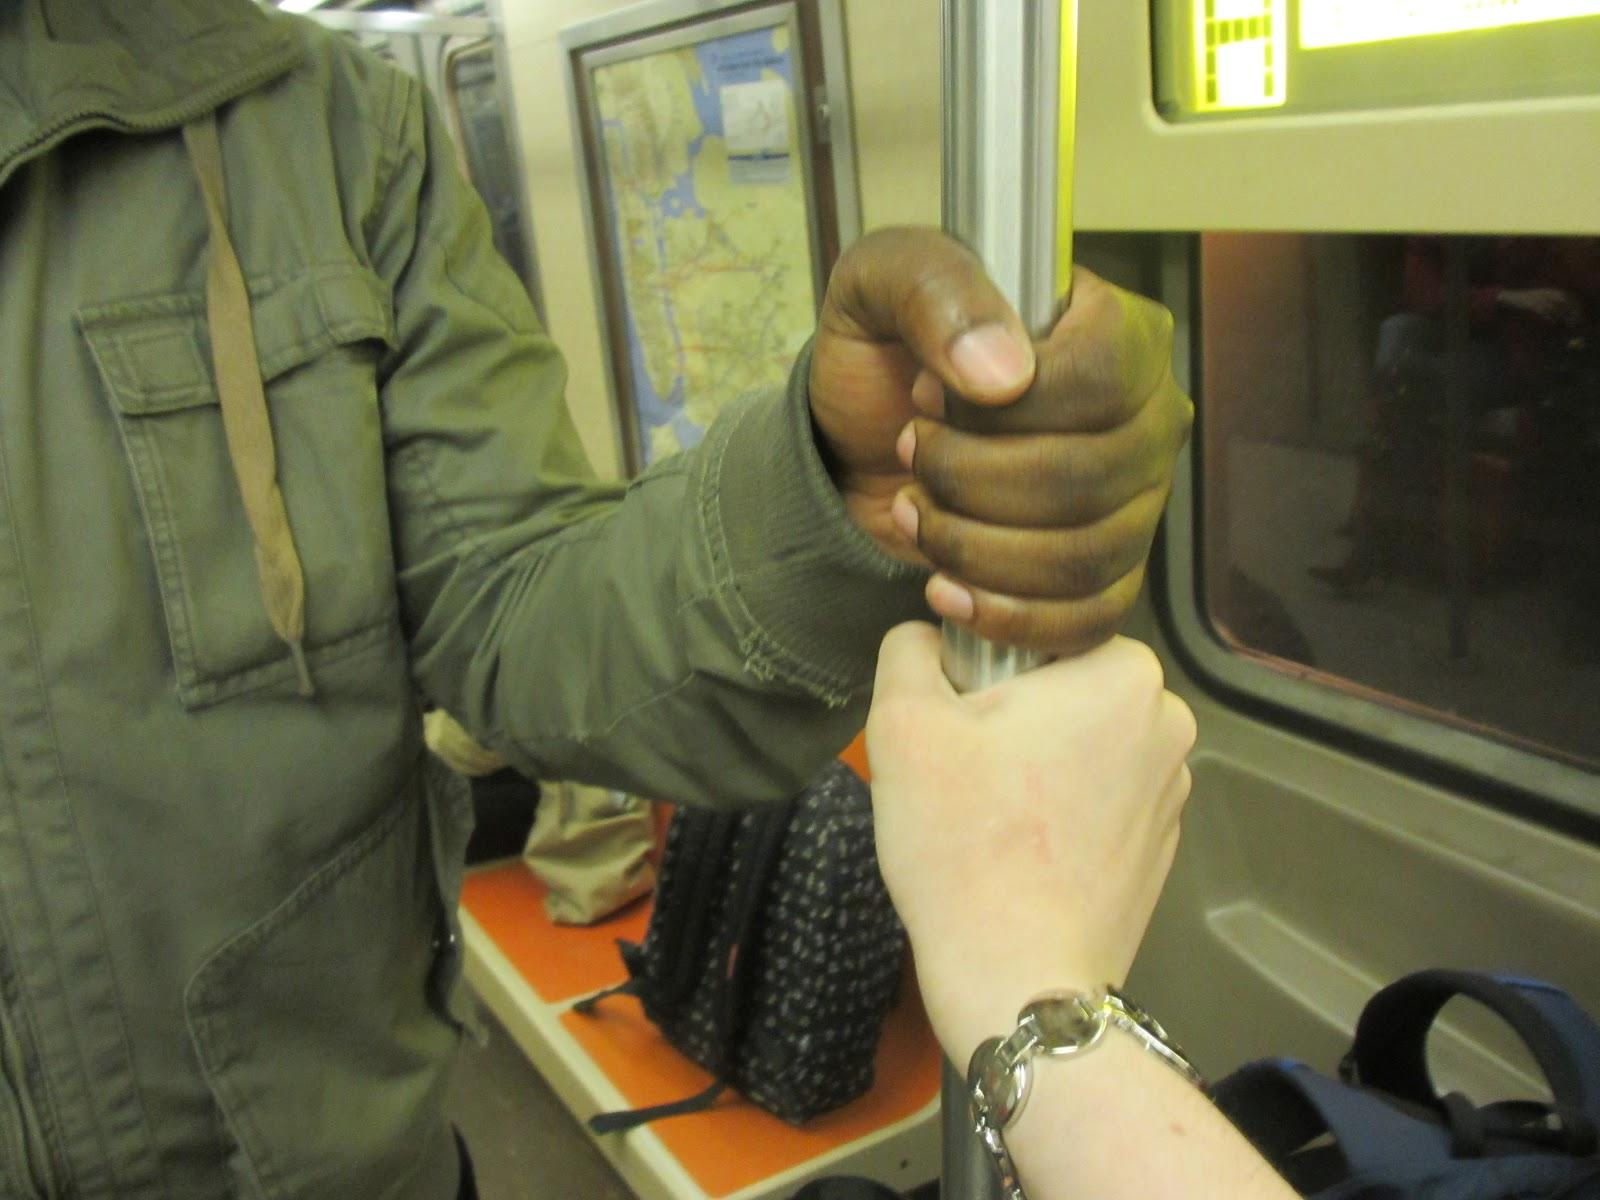 http://2.bp.blogspot.com/-tu99RY6Mlnk/TycyA-eKyUI/AAAAAAAAAEE/acslit8icF4/s1600/006.JPG